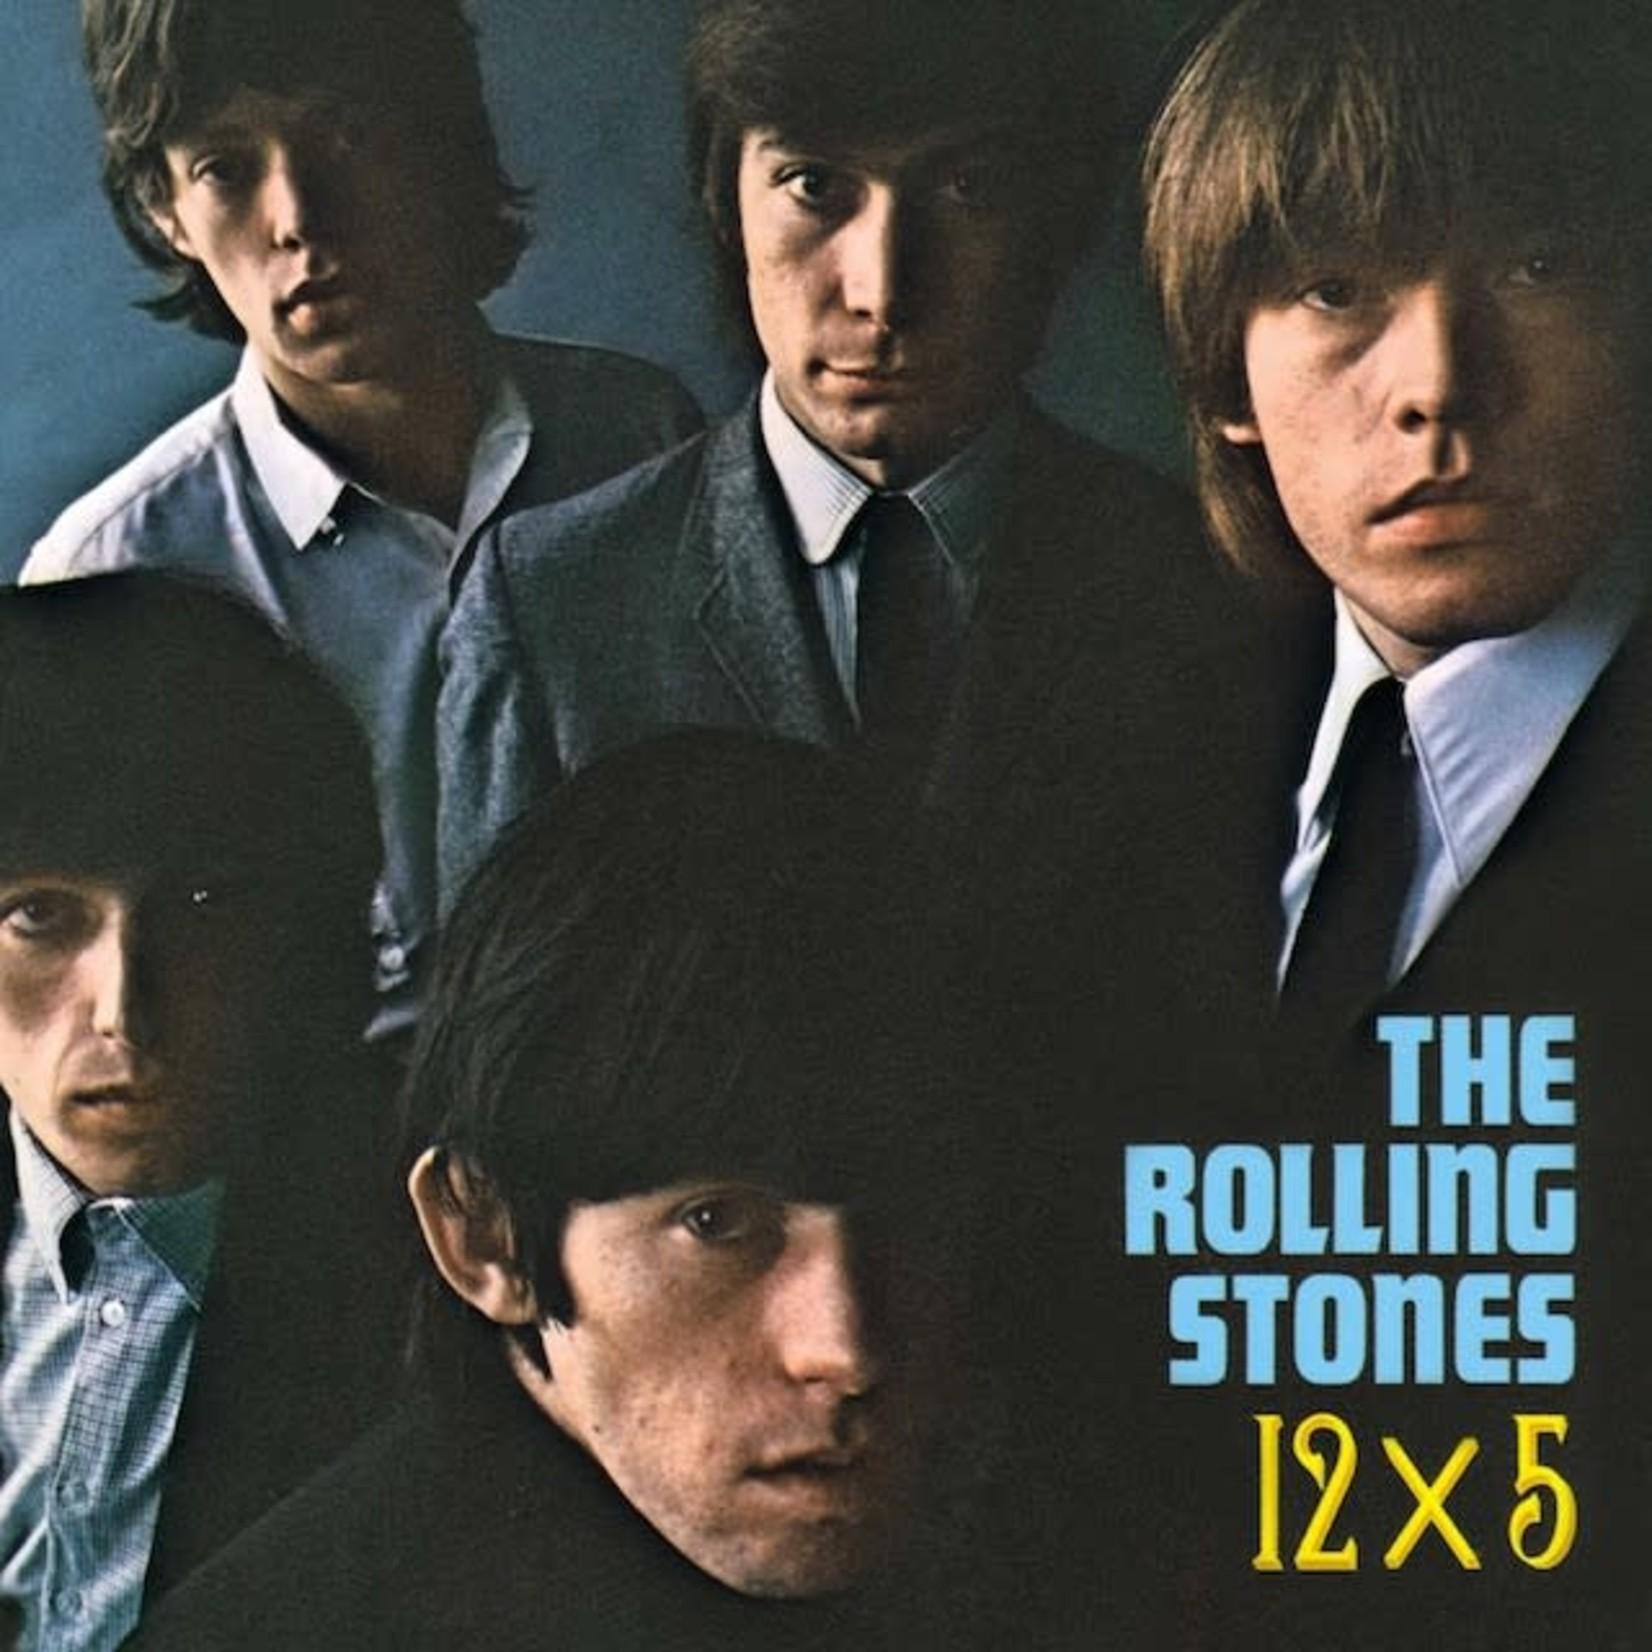 Vinyl The Rolling Stones - 12 X 5